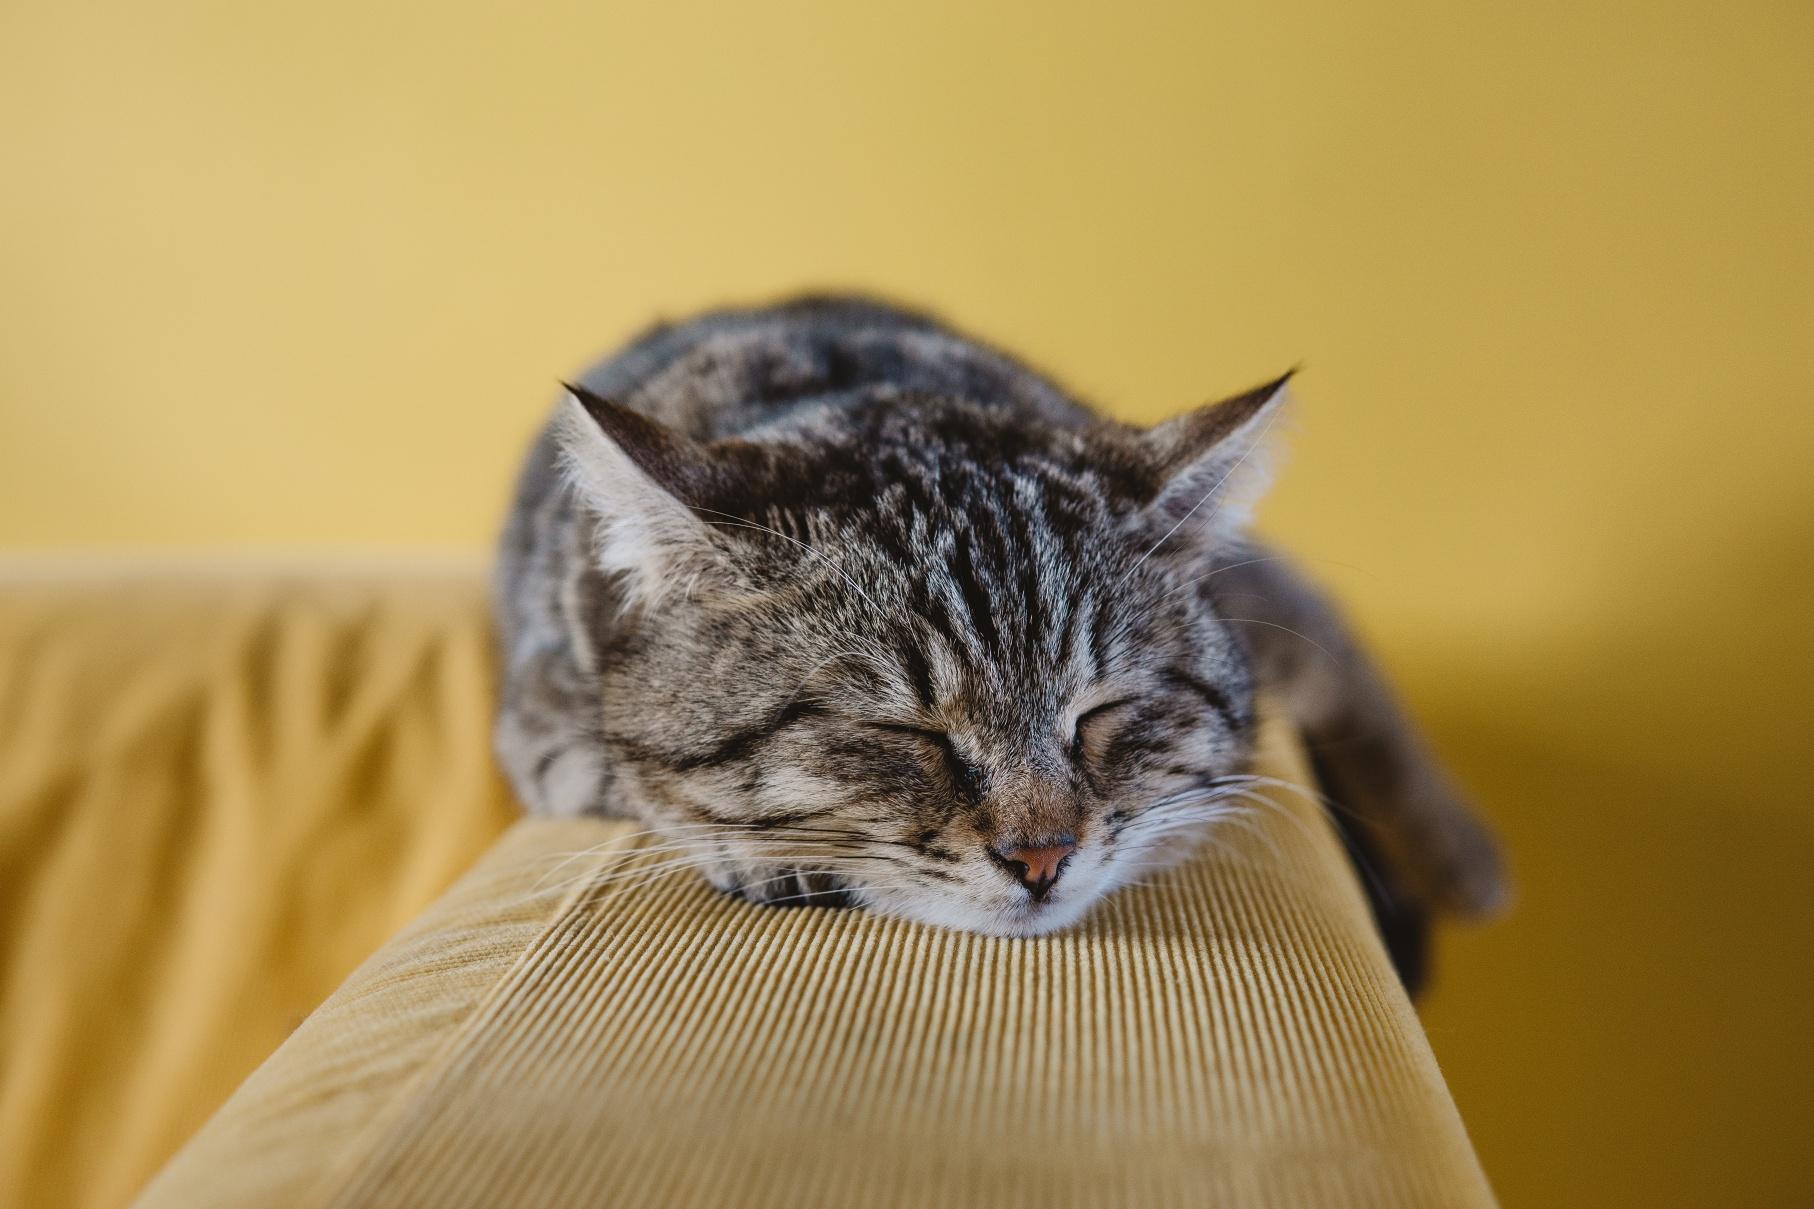 Kočky možná mají k člověku vztah, podle nové studie ho upřednostní nad plnou miskou i hračkami